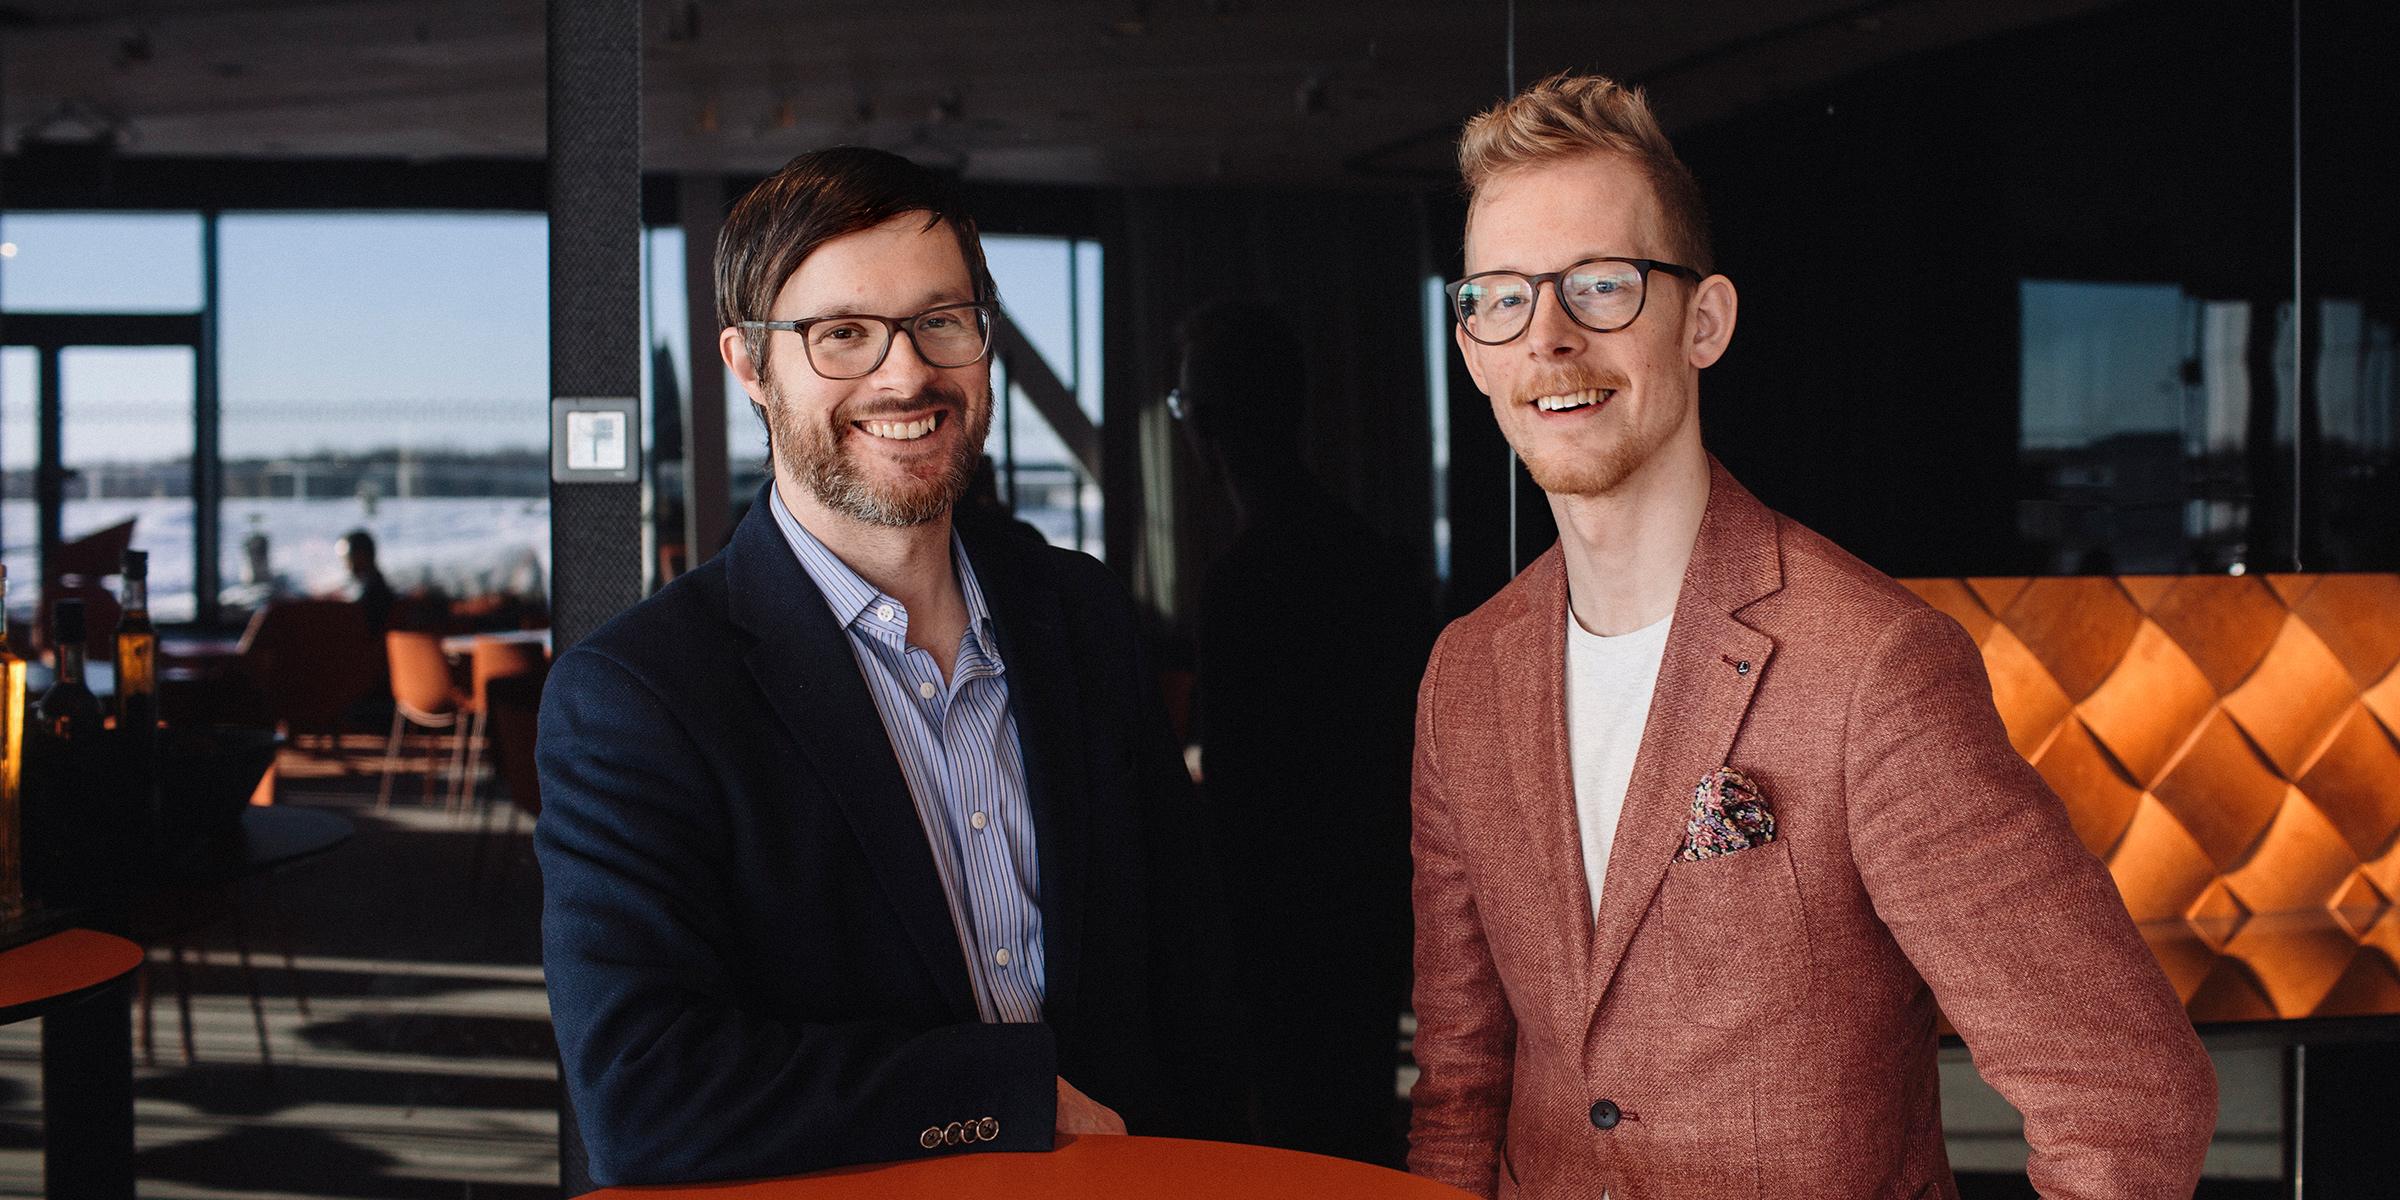 Andreas Vidman, vd för Prediktera, och Johan Granström, projektledare vid ABB:s kontor i Umeå, ser mycket positivt på Match Up-dagen och möjligheten för stora bolag och investerare att möta startupföretag.